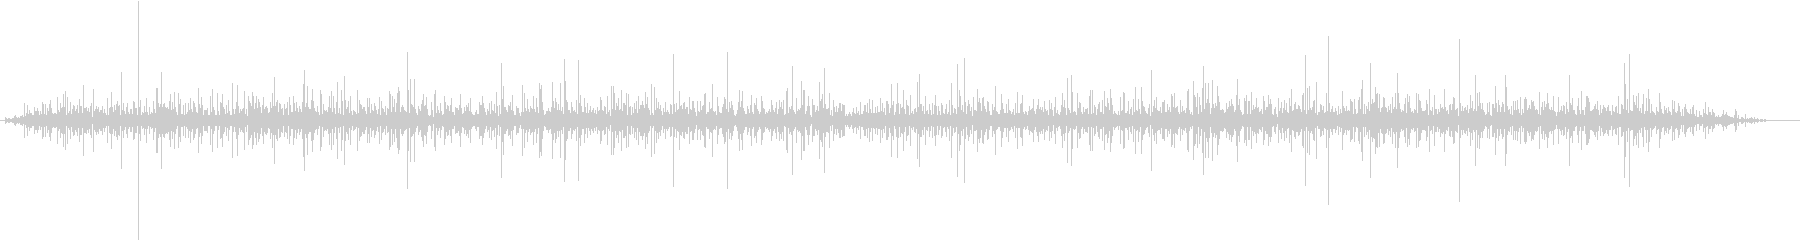 【生録音】側溝に水が流れる音 1の未再生の波形